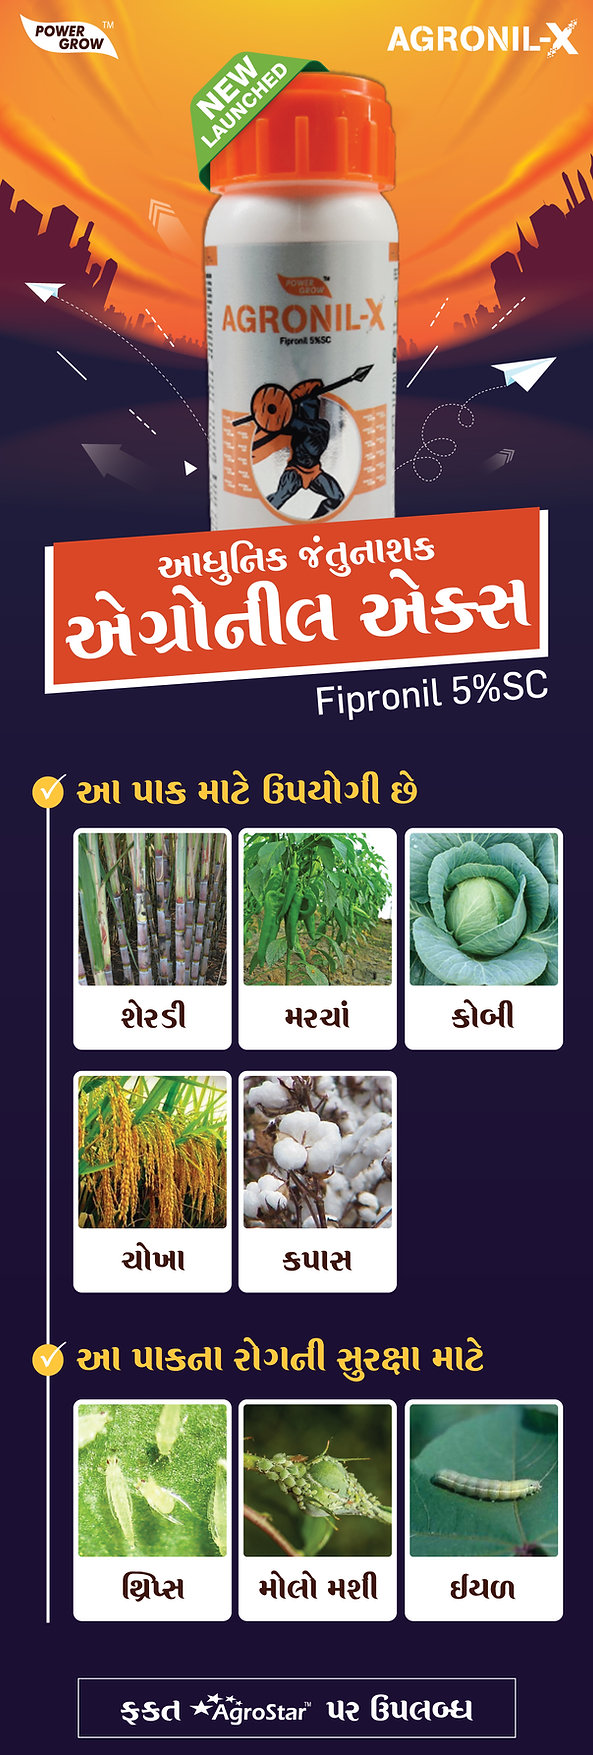 Agronil-X-Landing-Page_Gujarati.jpg